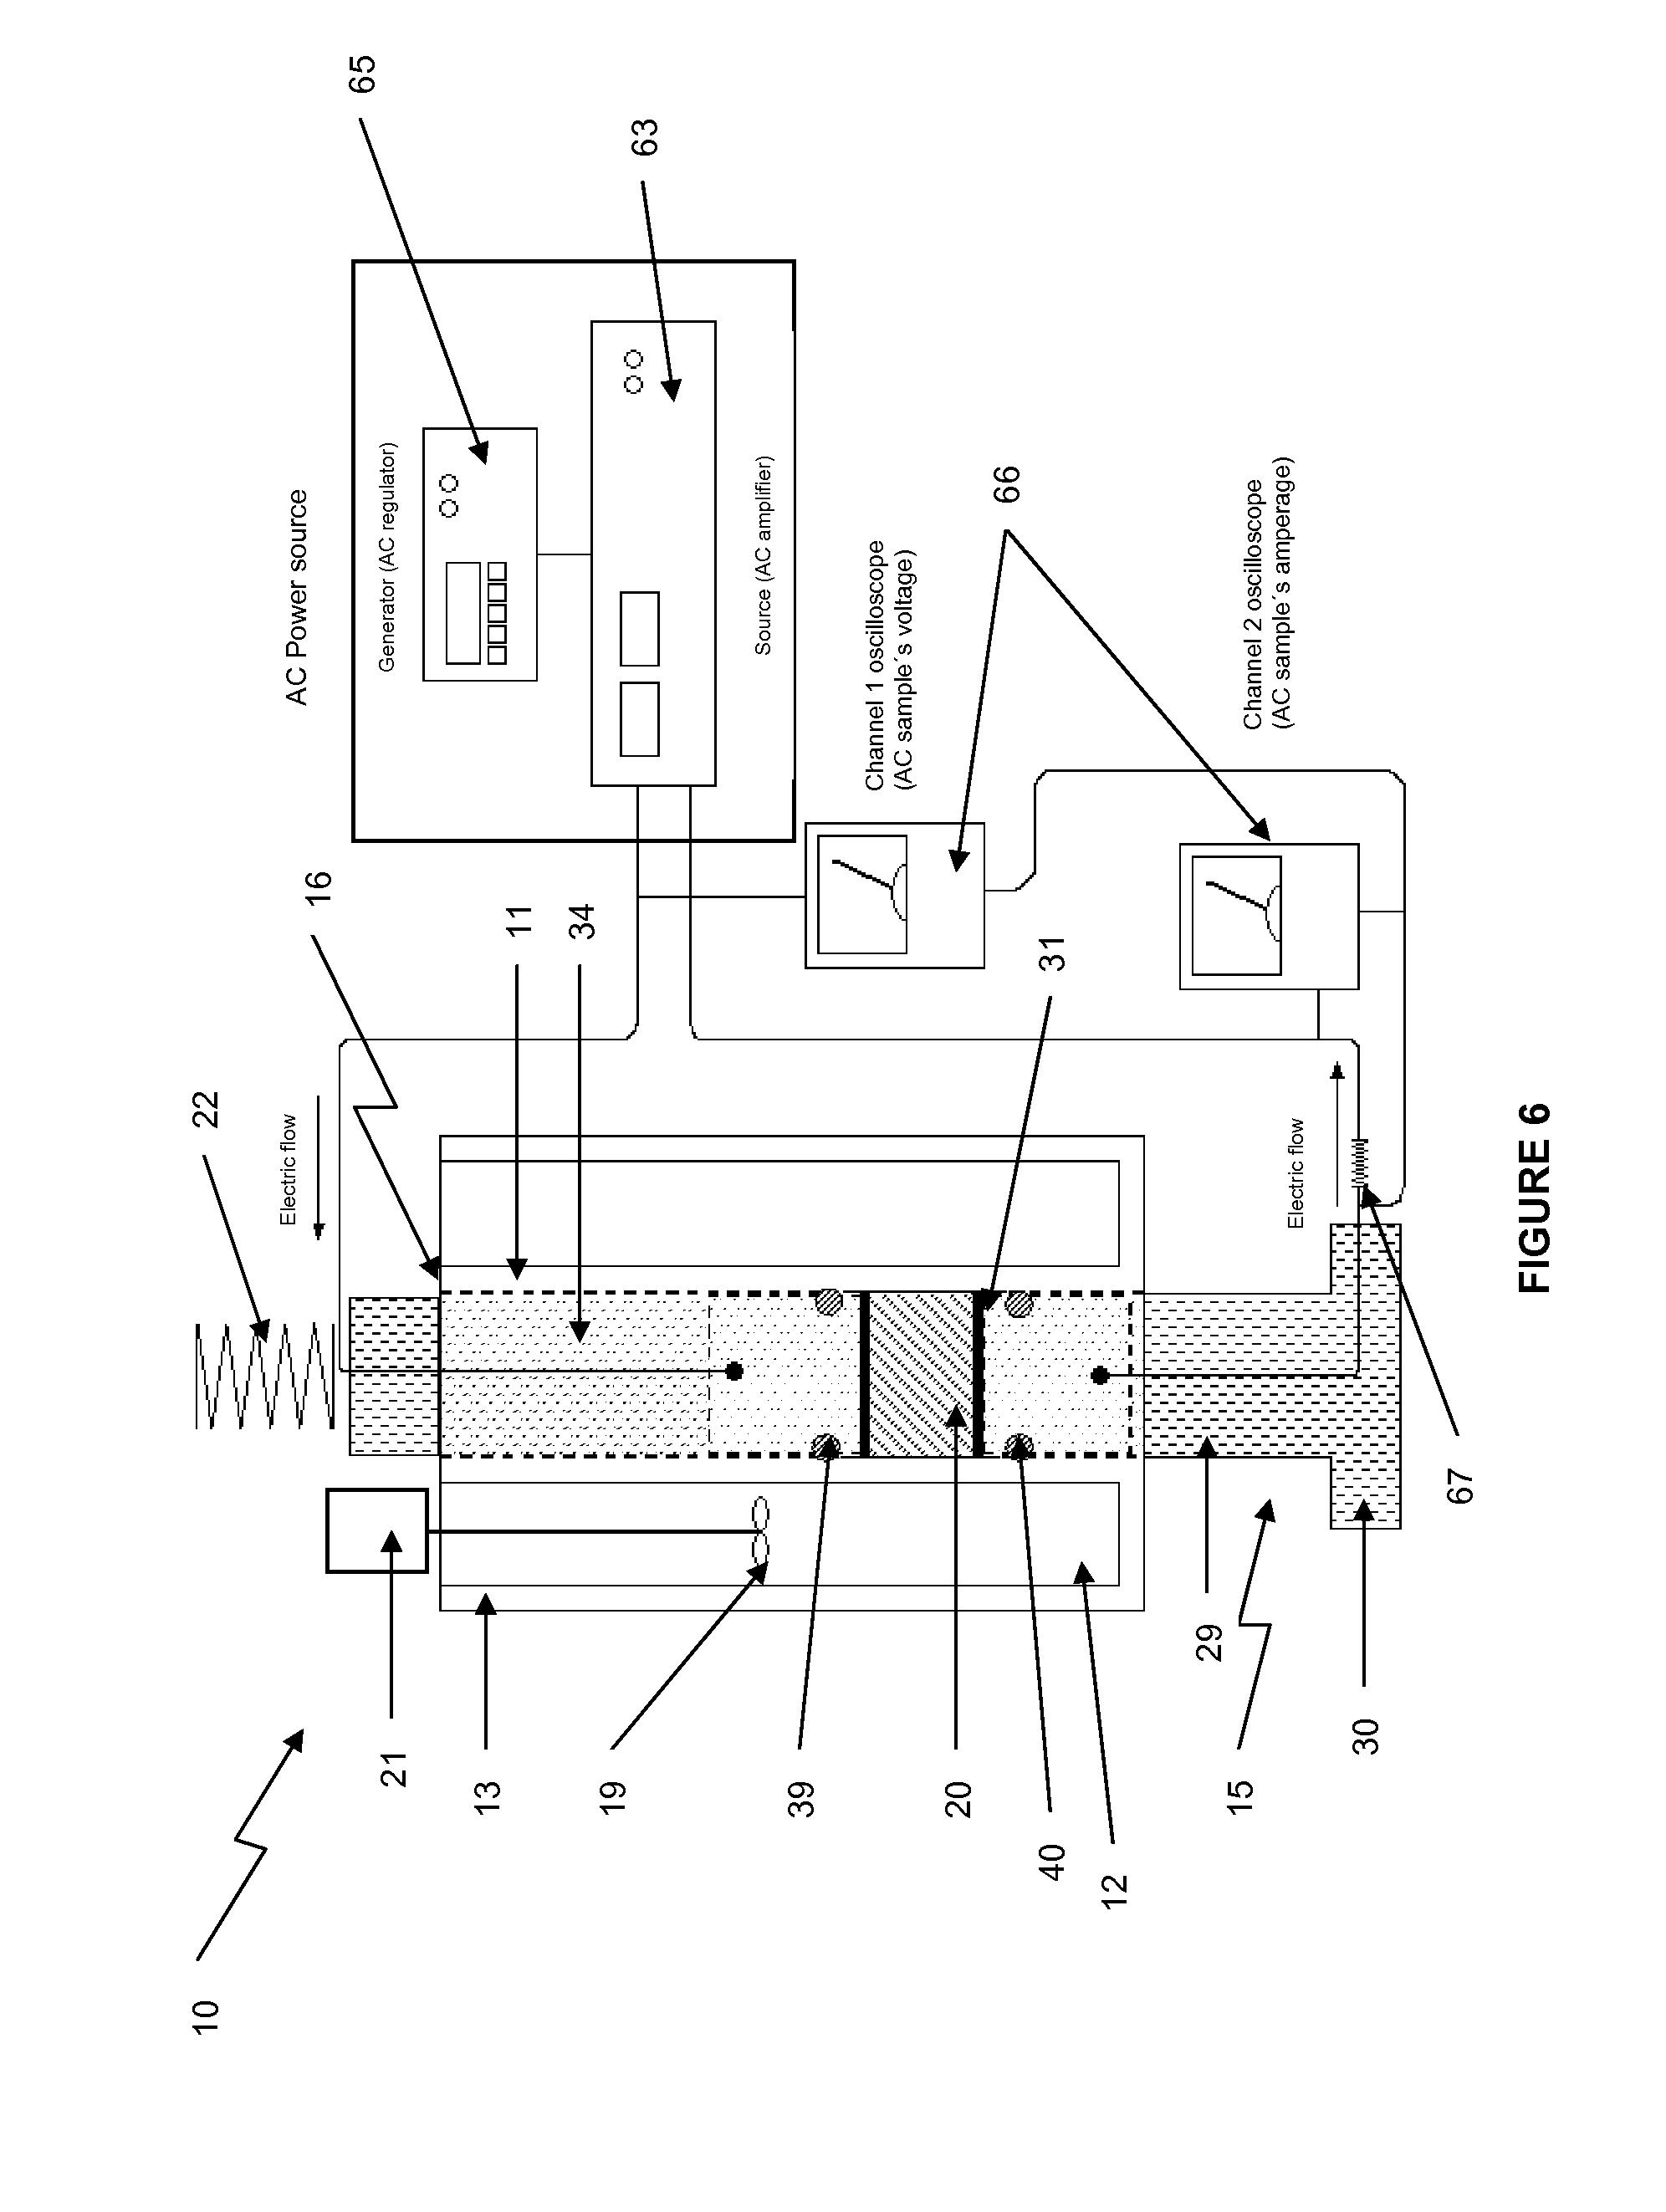 patent us20100296544